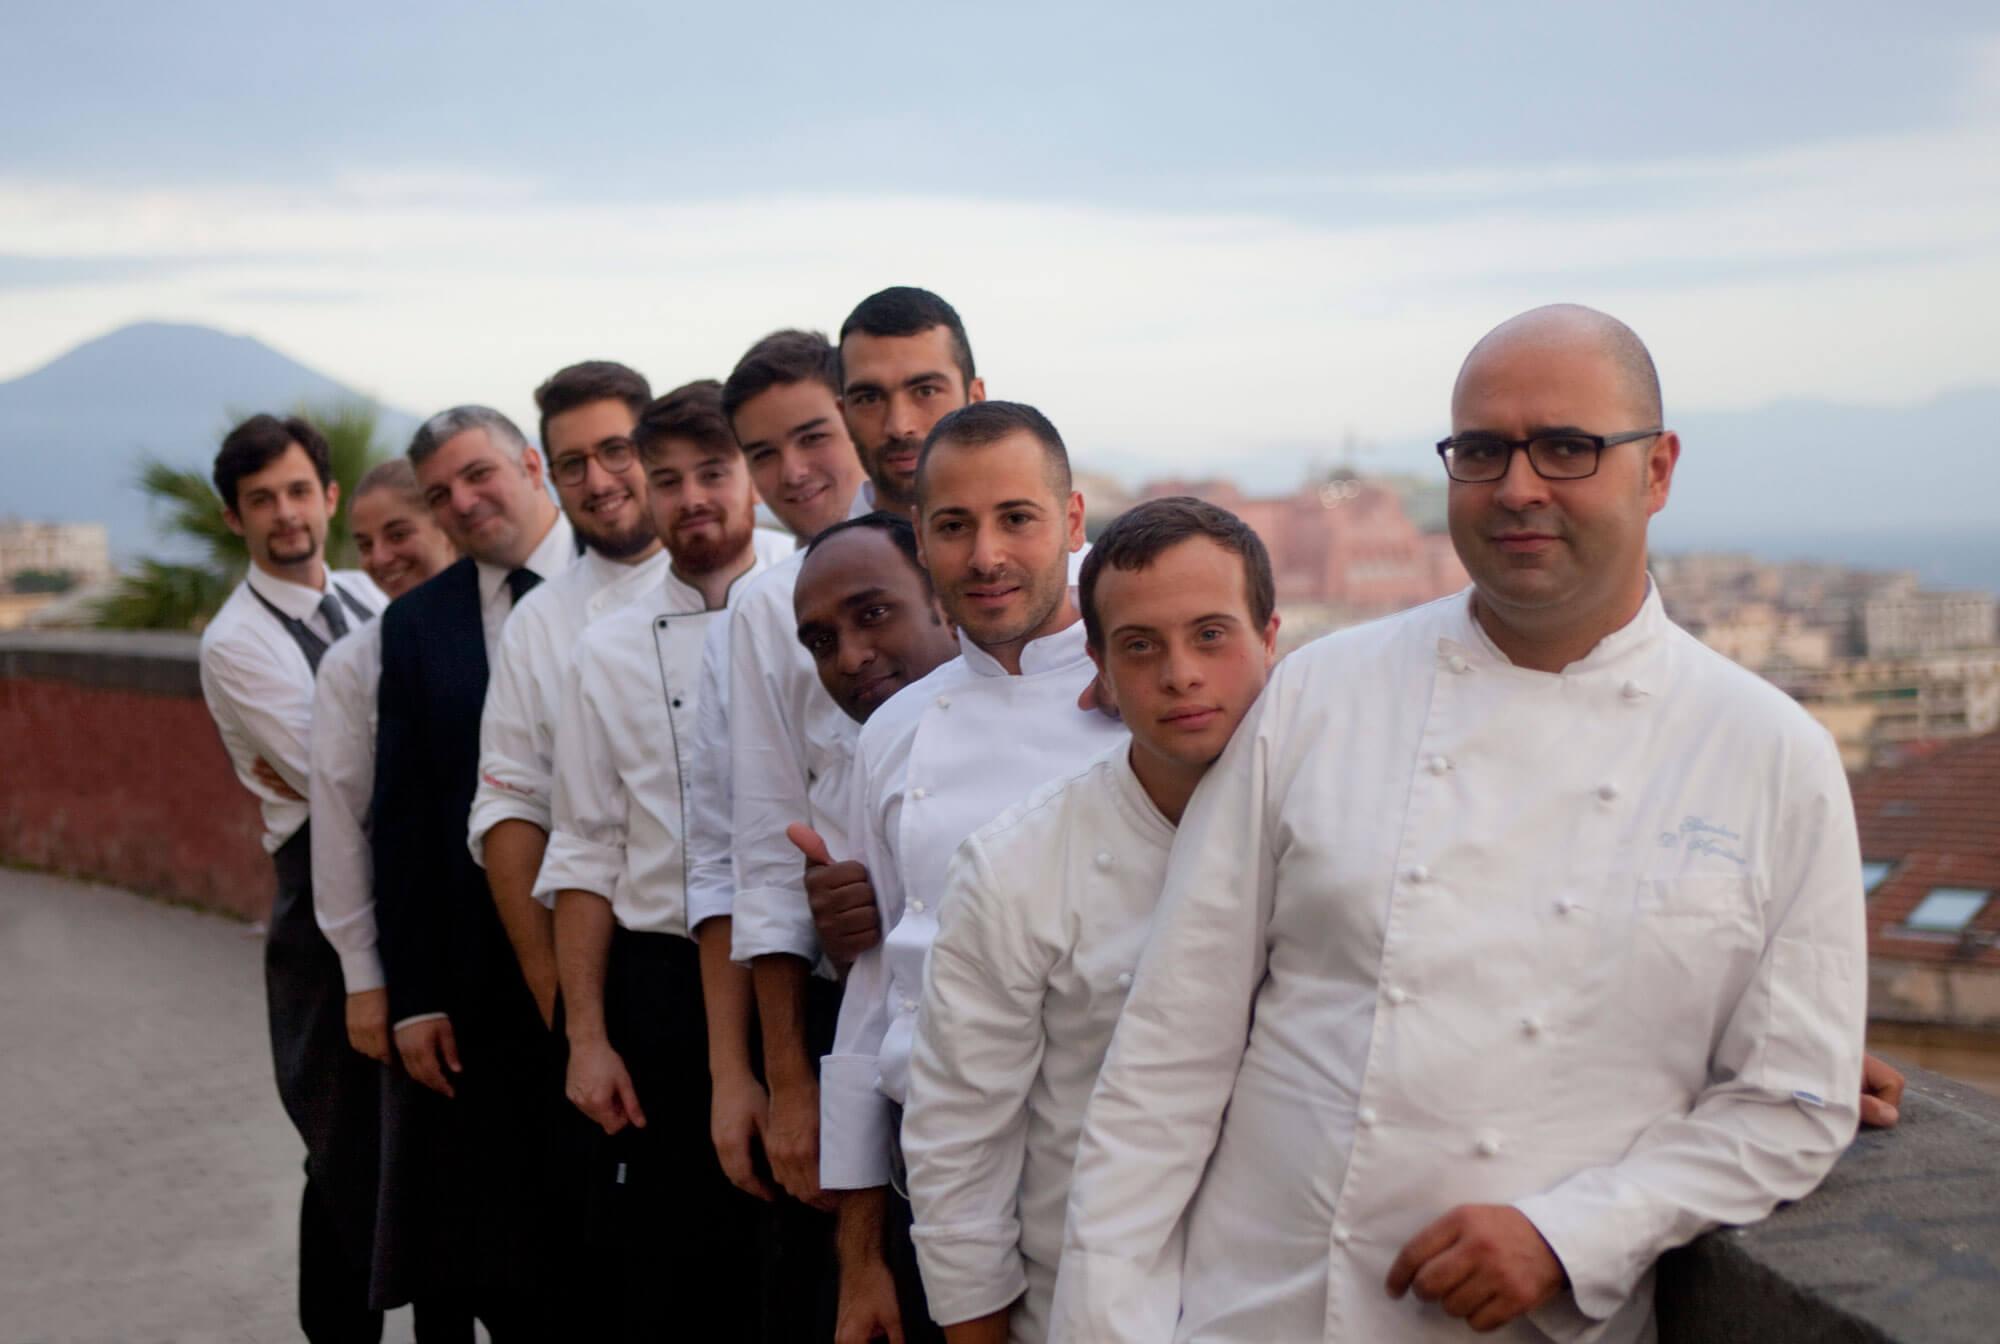 Personnel d'un restaurant photographié devant le Vésuve au loin.